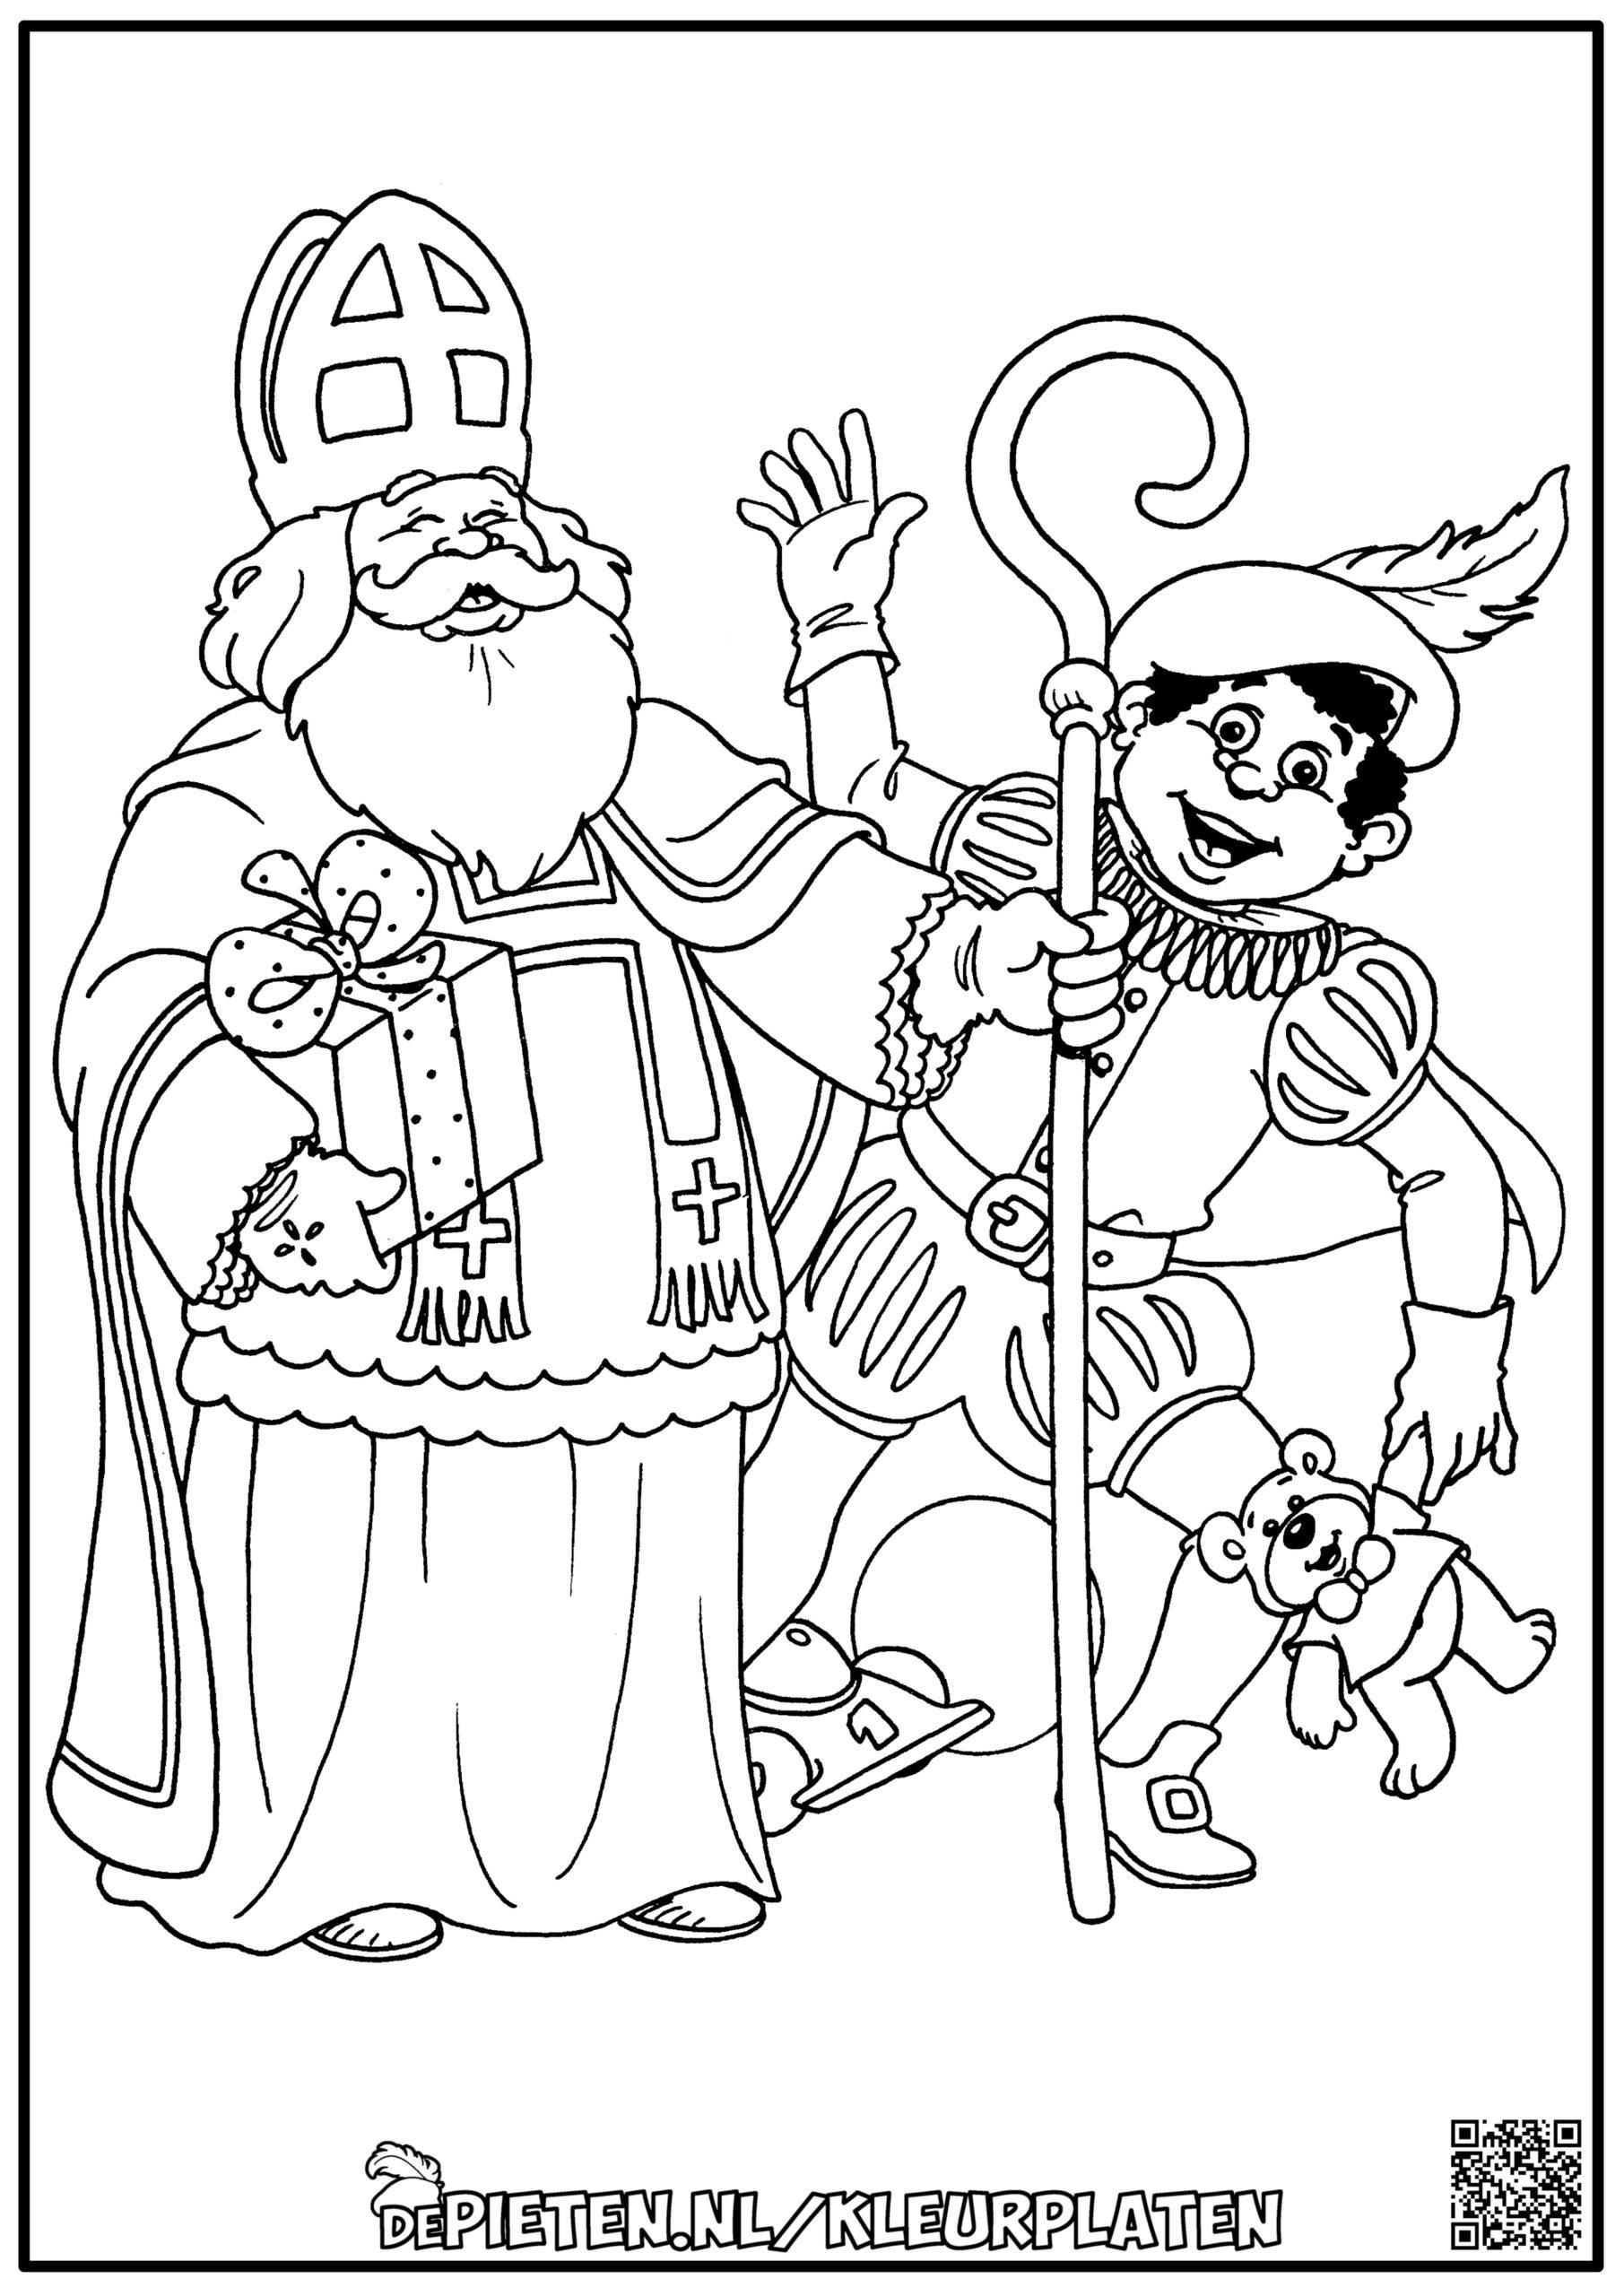 depieten.nl-Kleurplaten-kleuren-Sinterklaas-en-de-pieten-kleuren-Sint-en-piet-zwaaien-cadeaus-cadeautjes